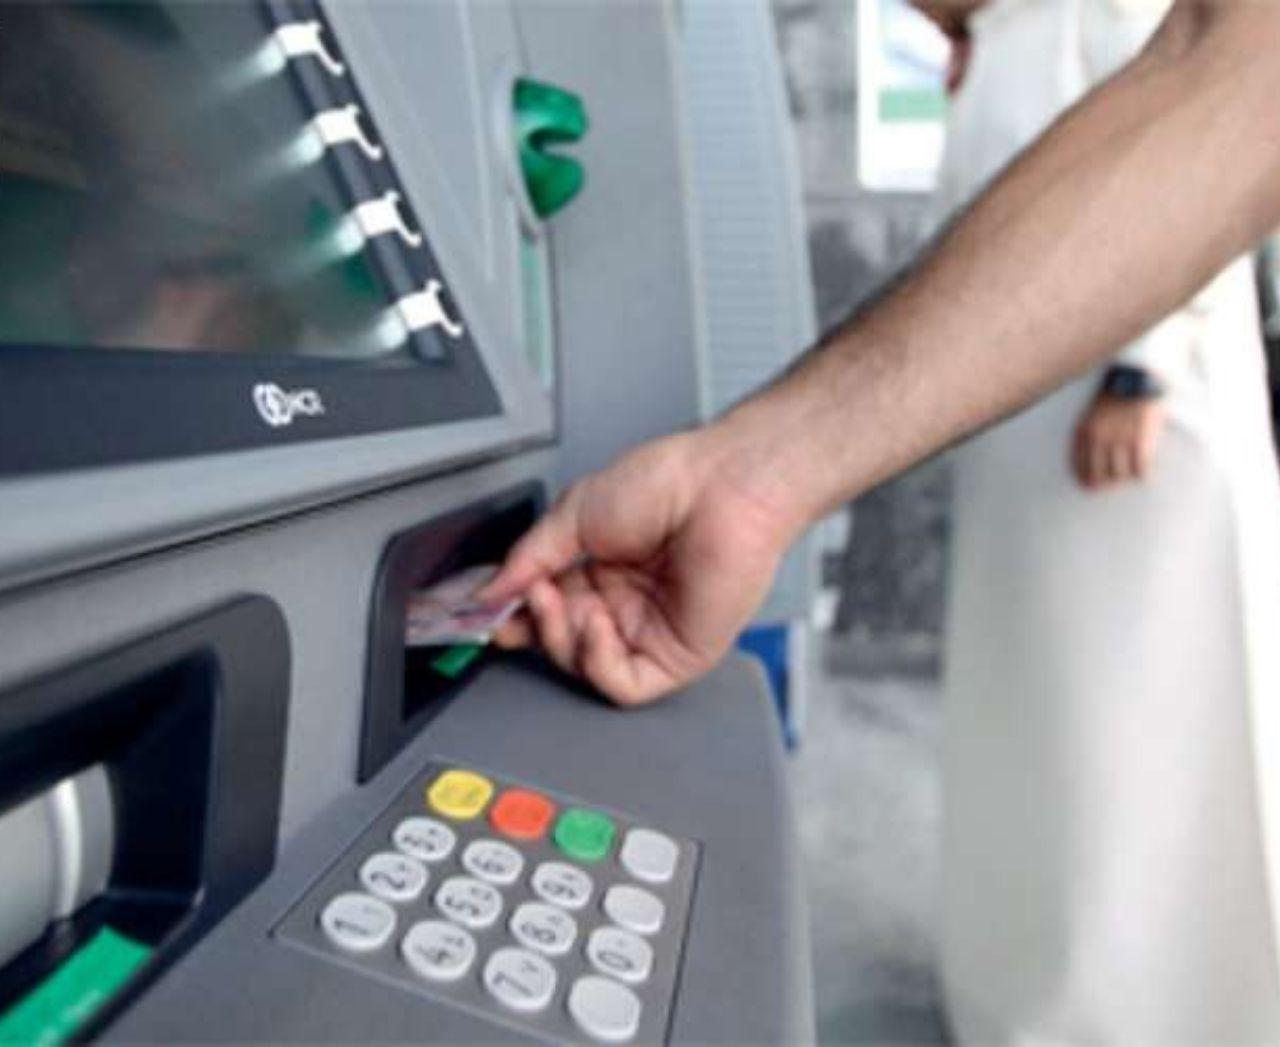 """""""حساب المواطن"""": الموقوف حسابه البنكي أو خدماته يستحق 6 أشهر فقط"""